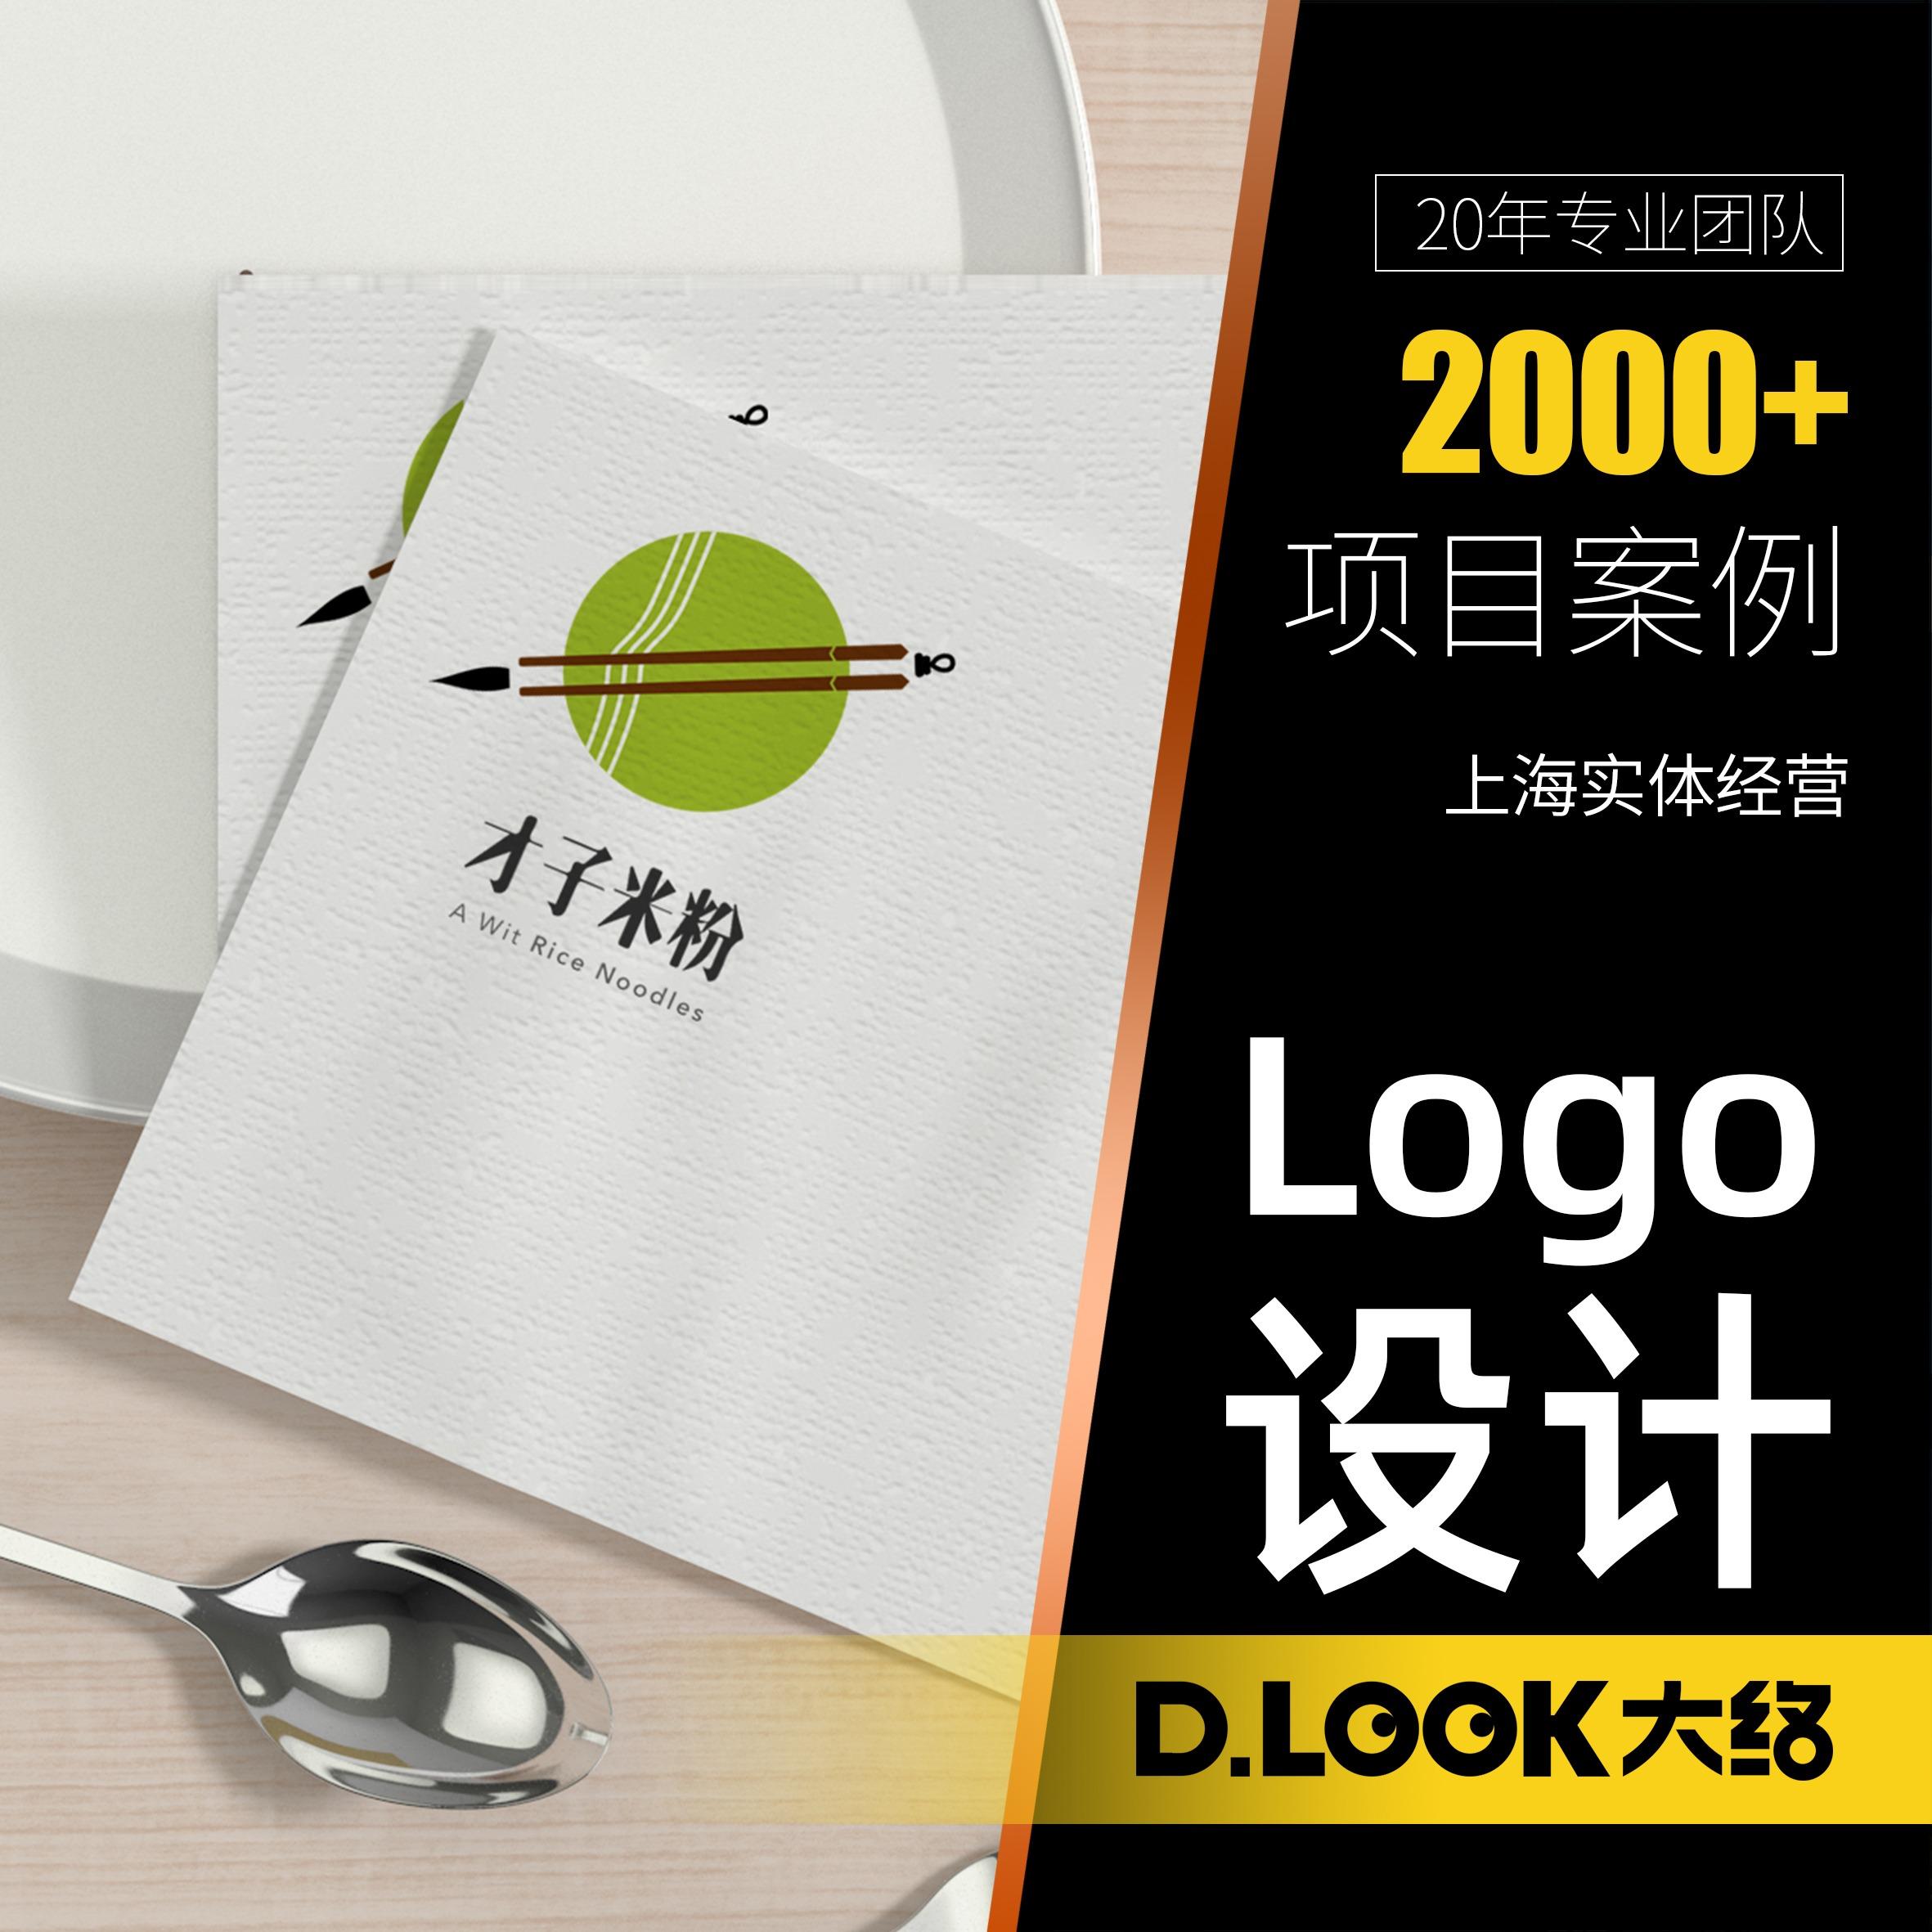 【牛年特惠】上海实体经营—餐饮品牌logo设计